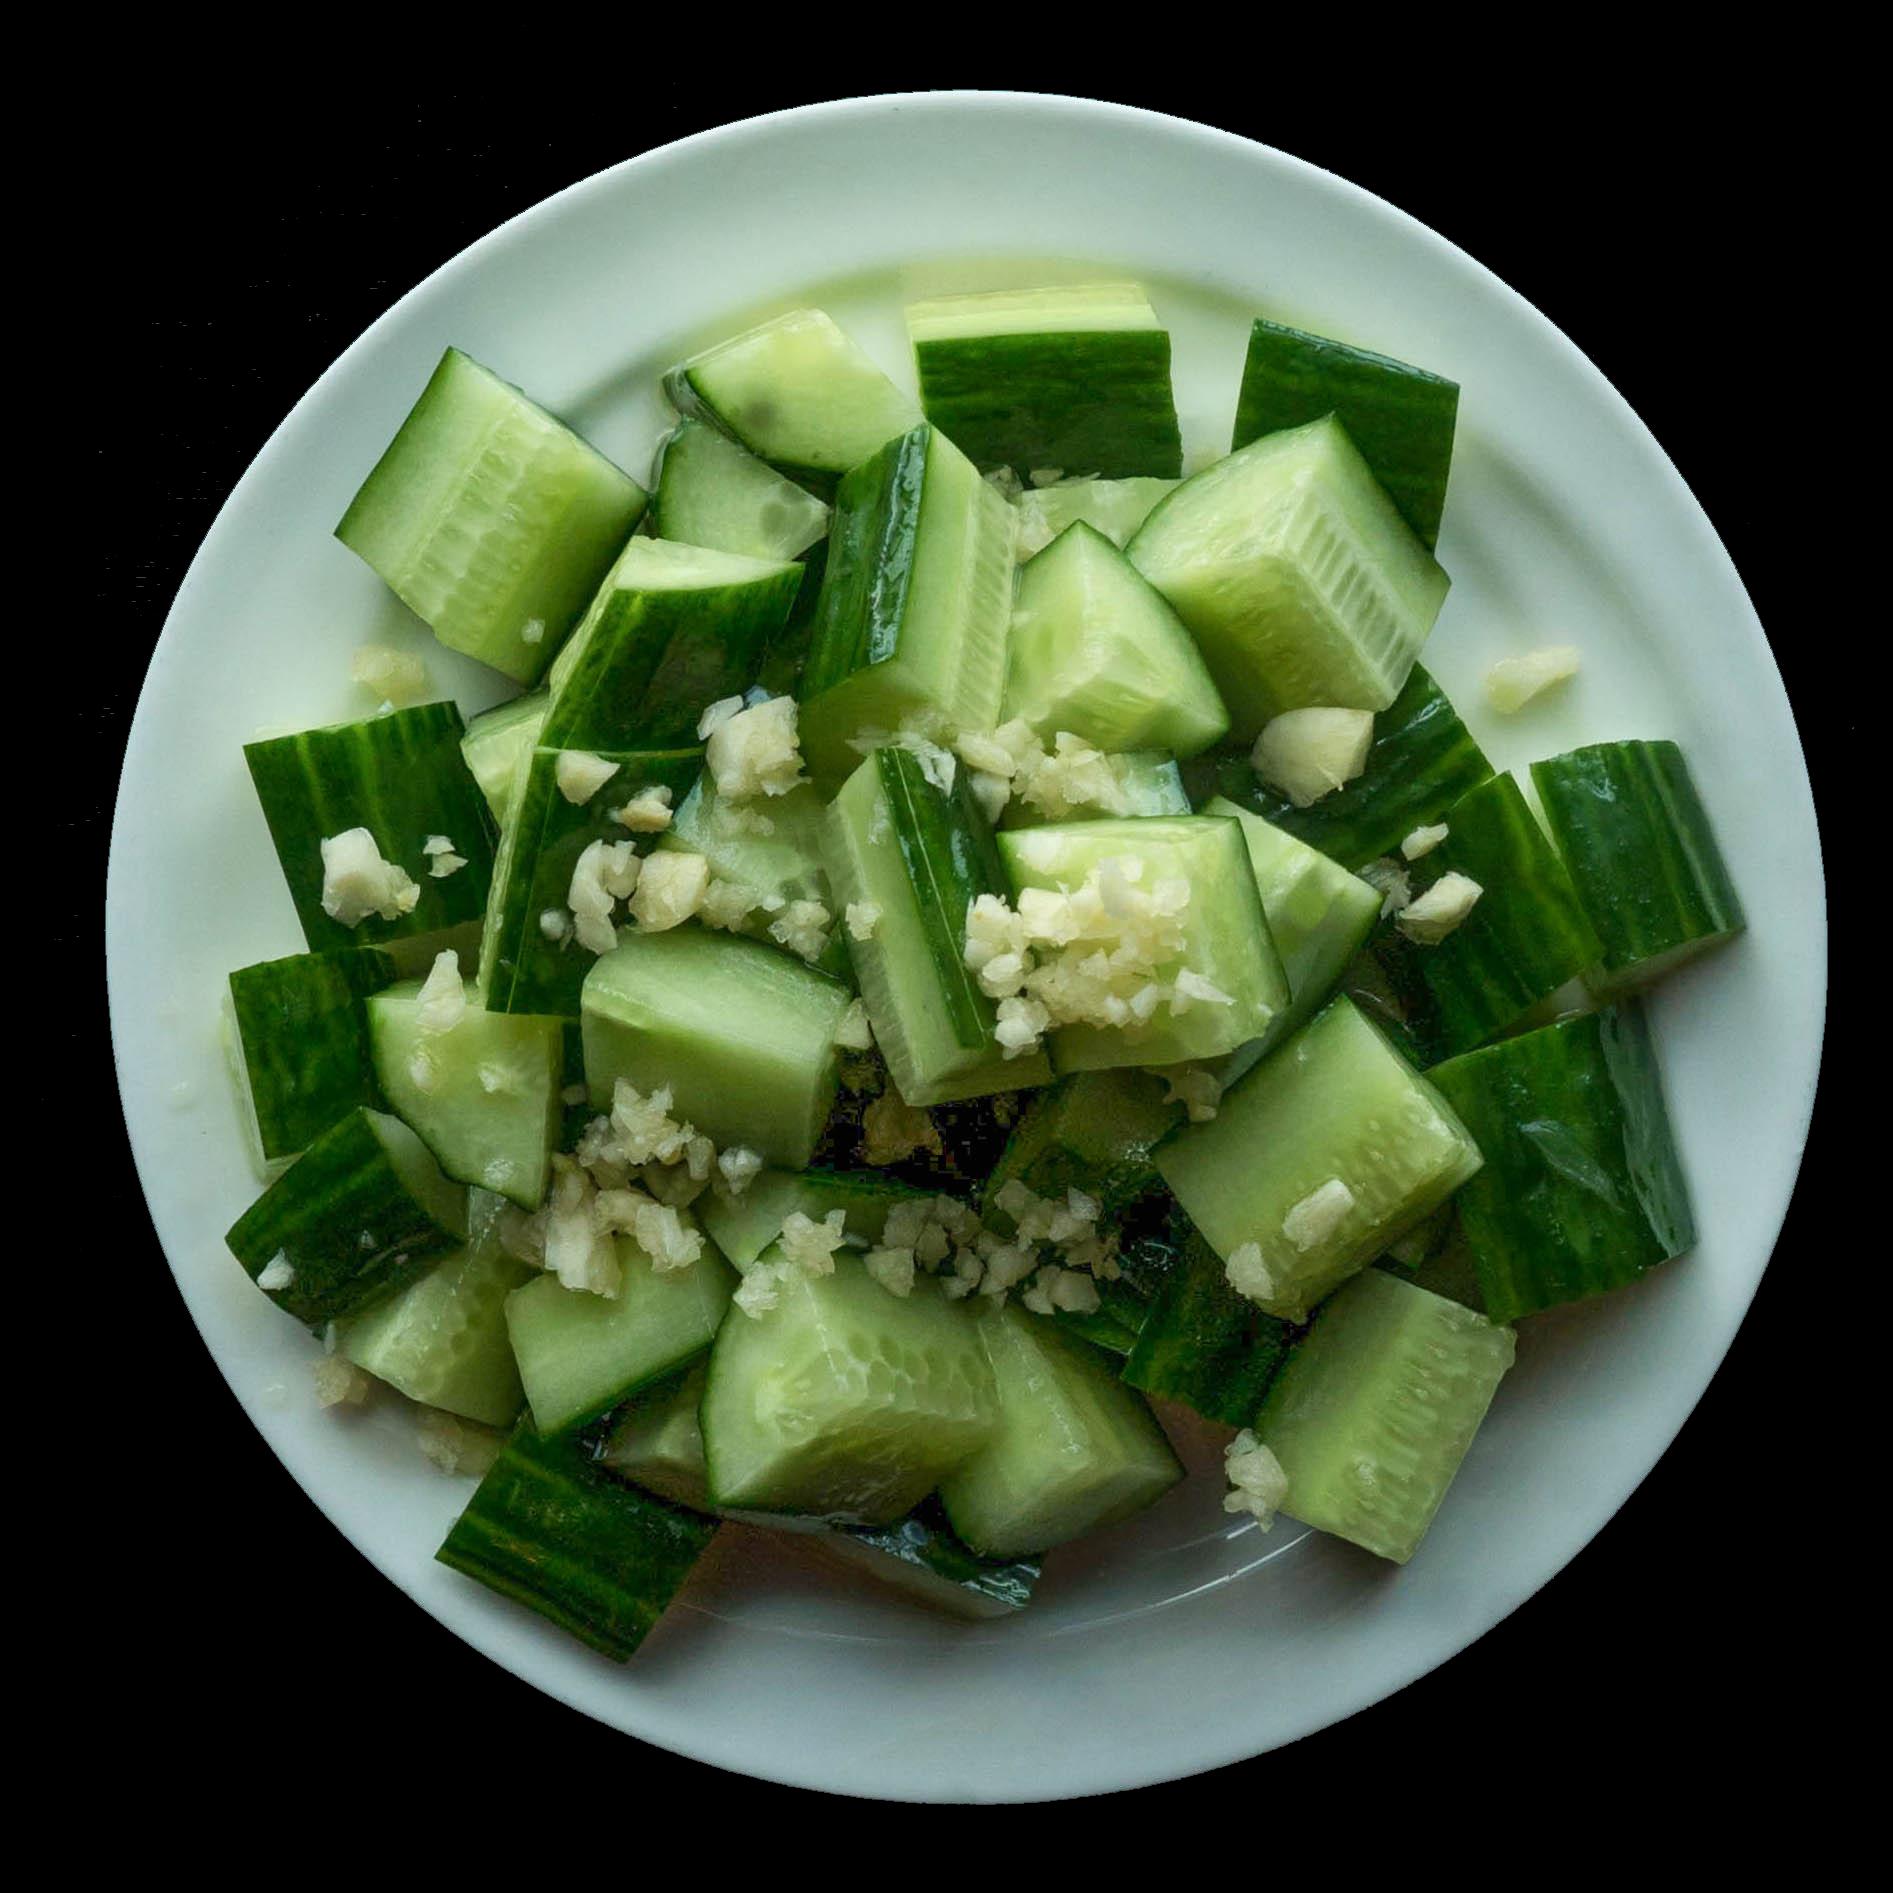 24. 凉拌黄瓜 Cucumber Salad Image